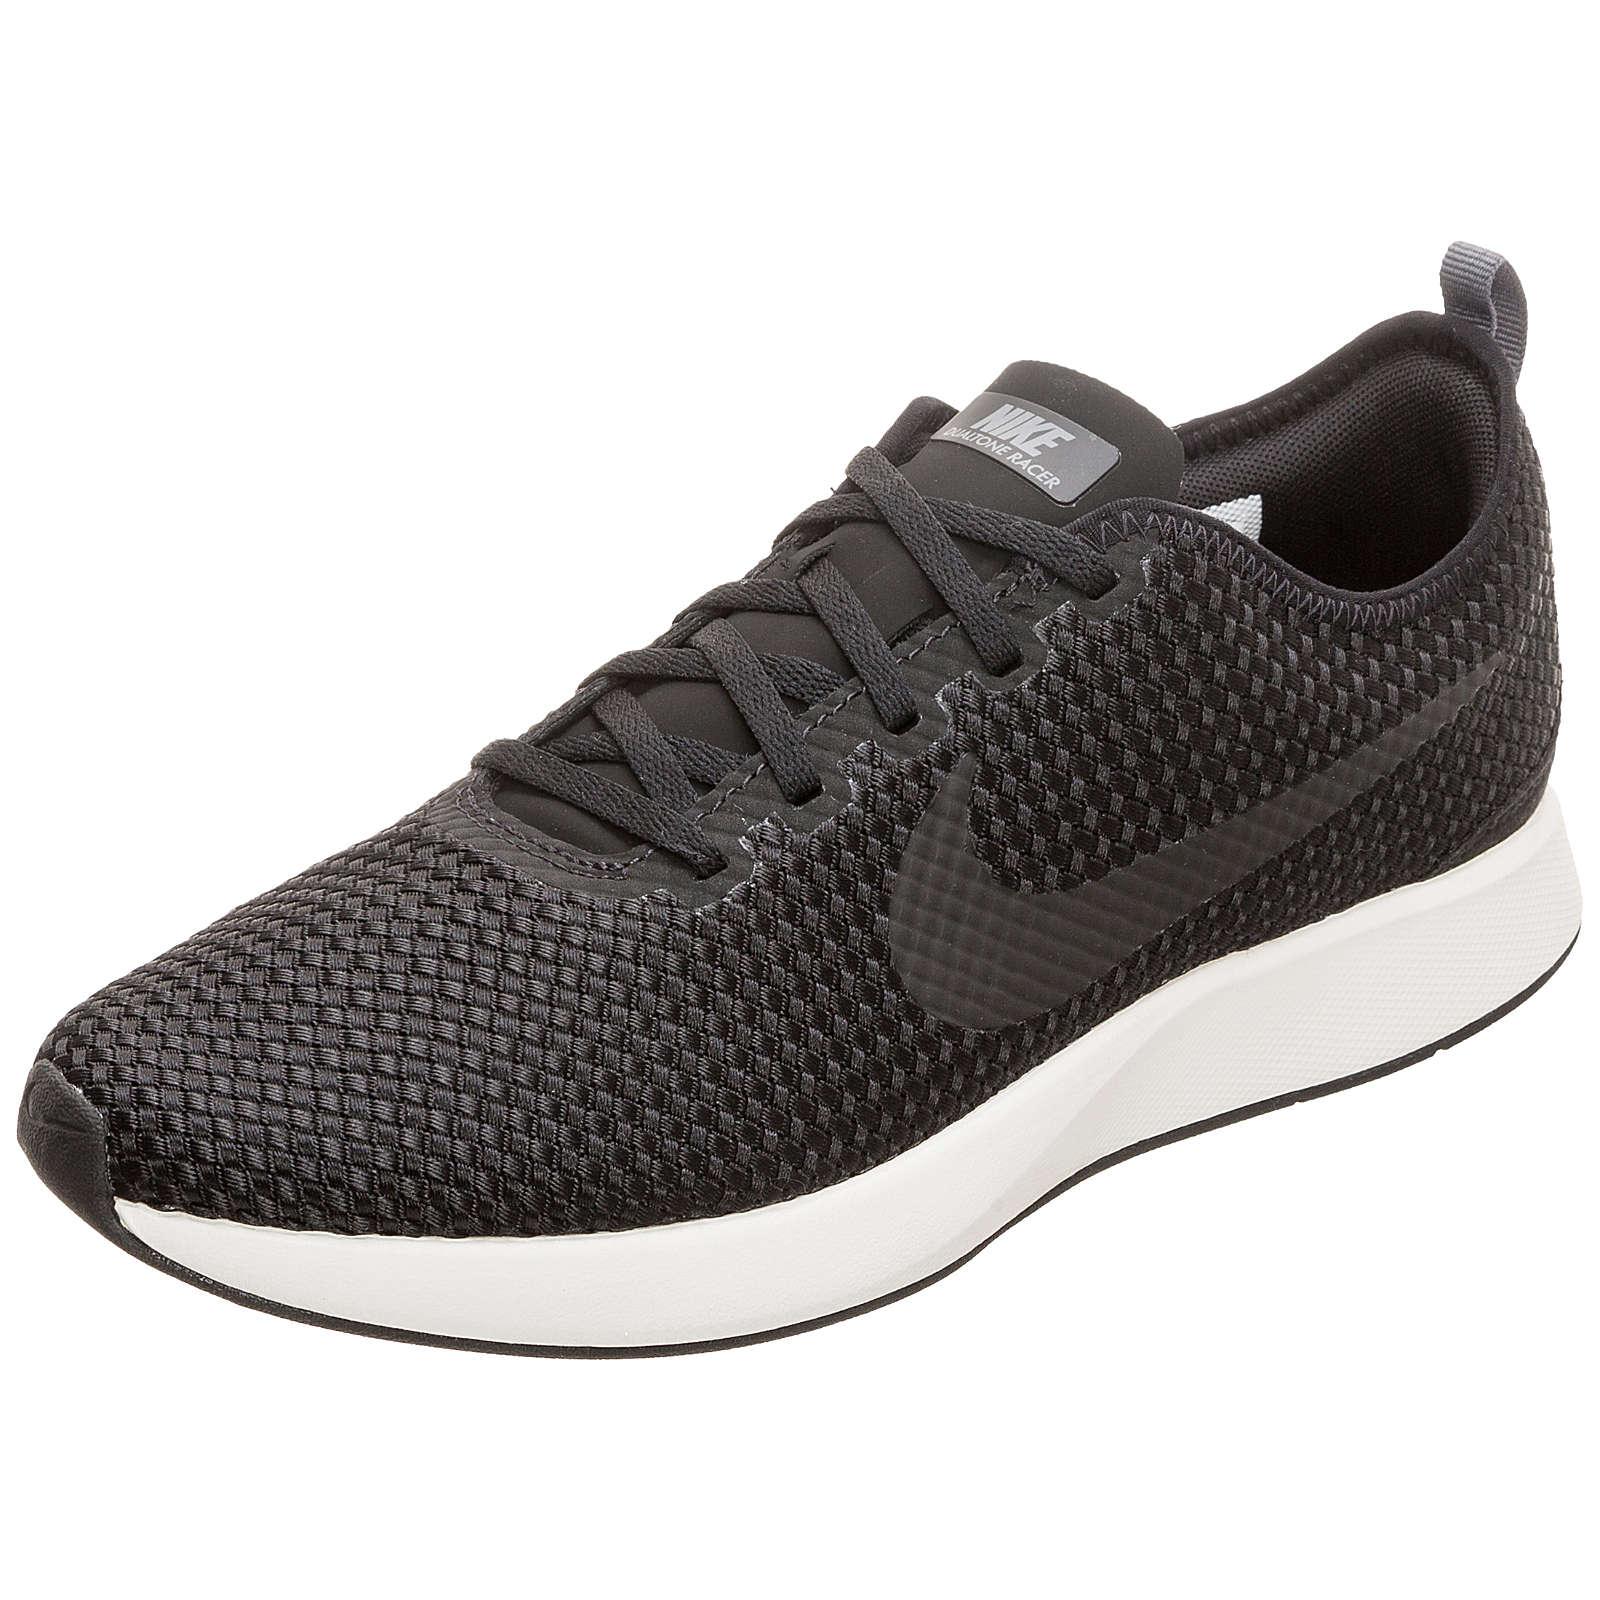 Nike Sportswear Dualtone Racer SE Sneakers Low schwarz Herren Gr. 44,5